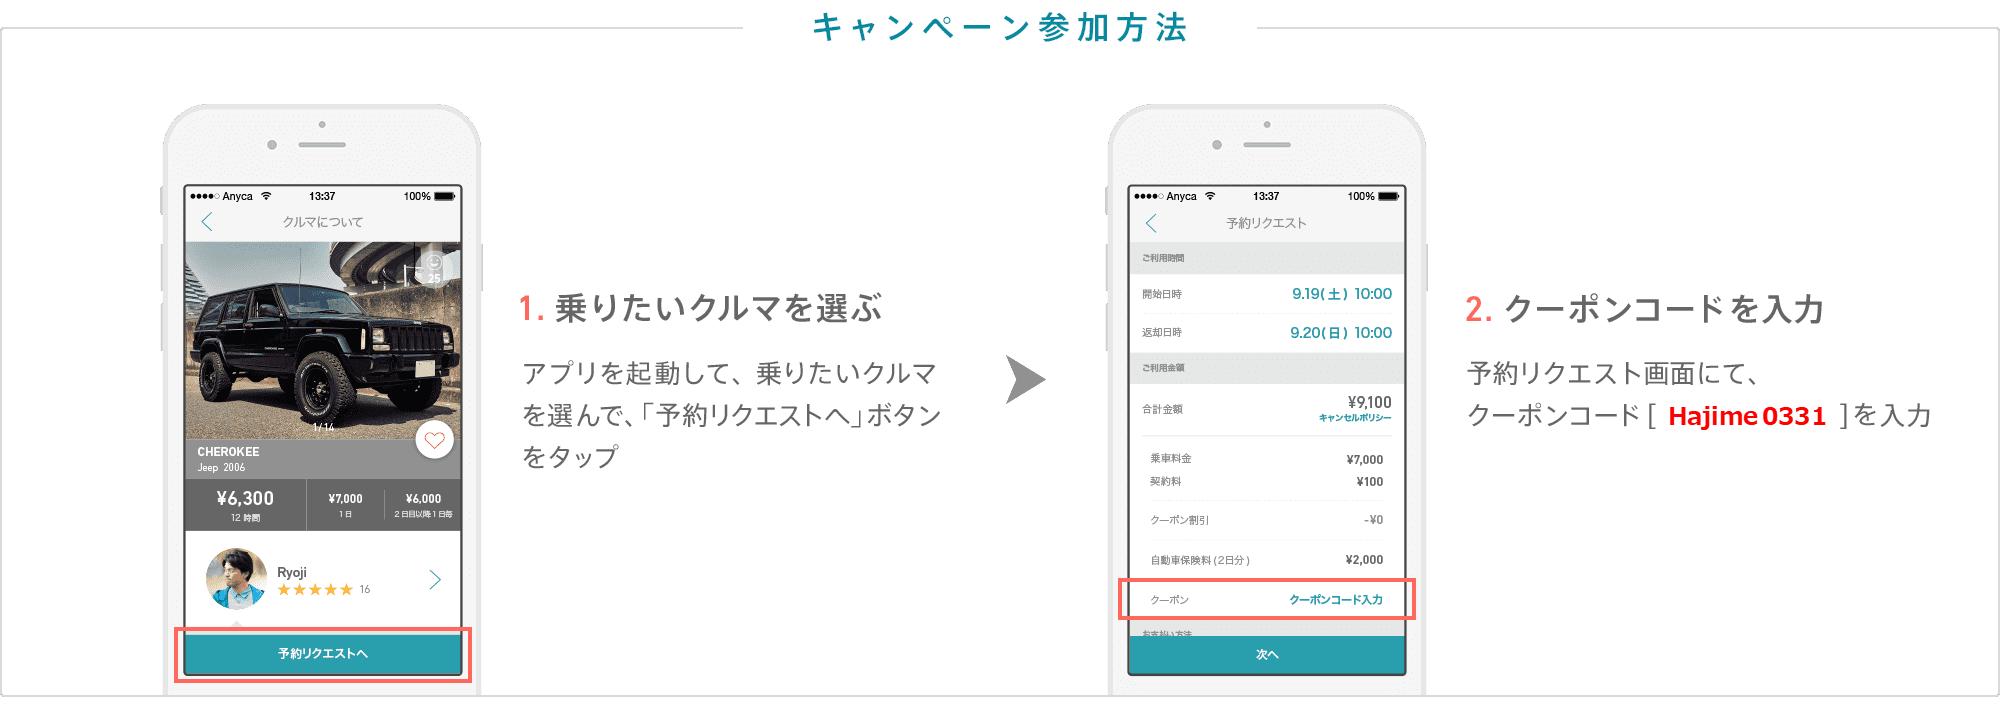 【最新版】エニカ(Anyca)当サイト限定の招待コード・クーポン配布中!オーナーにもドライバーにもメリットがある招待コードです。